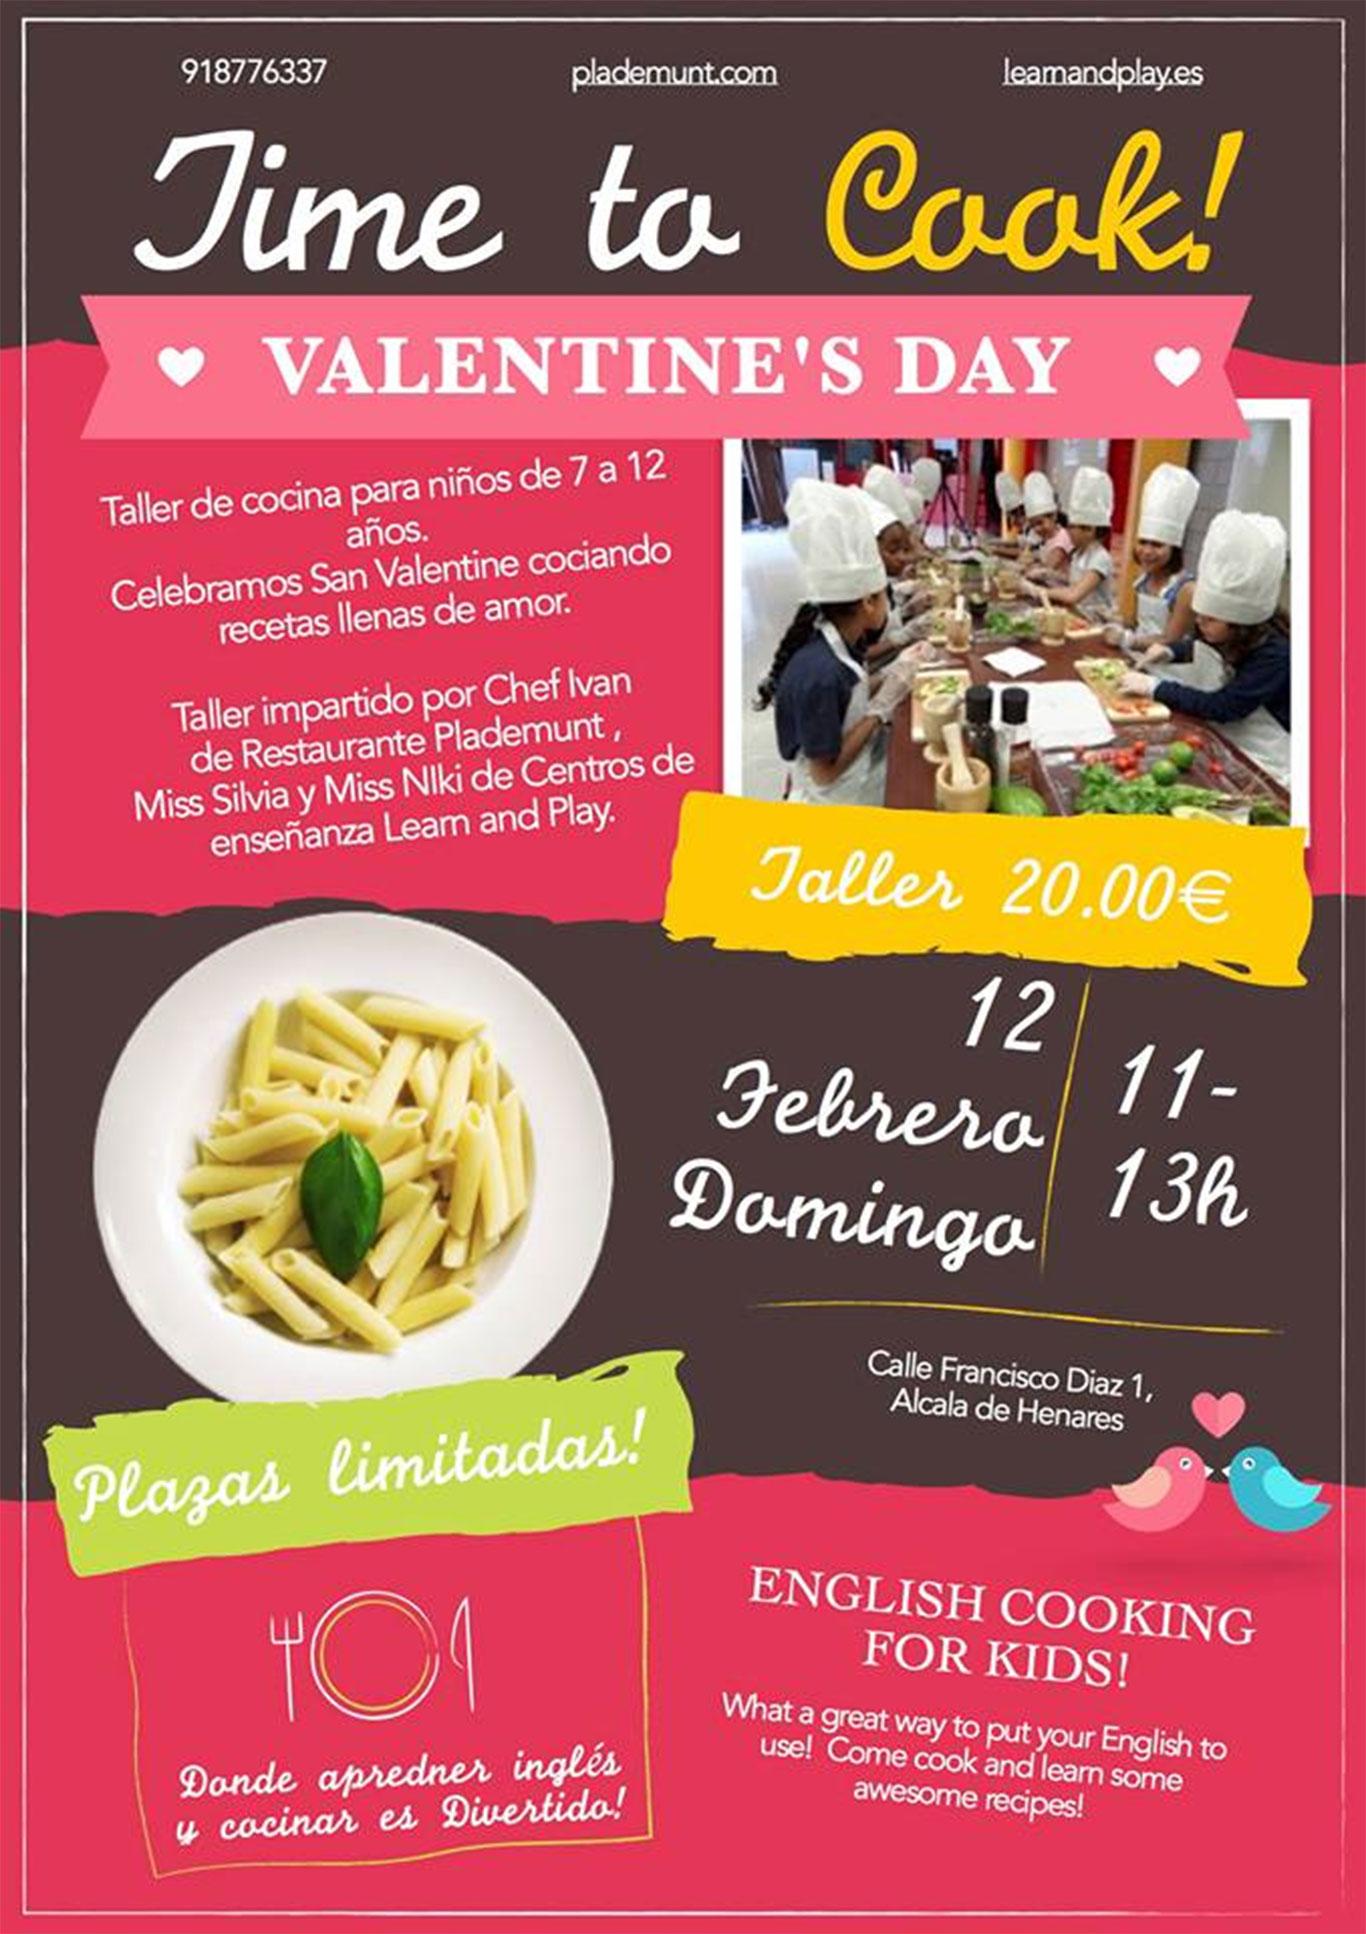 Recetas De Cocina En Ingles Para Niños | Plademunt Y Learn And Play Cena De San Valentin Para Ninos En